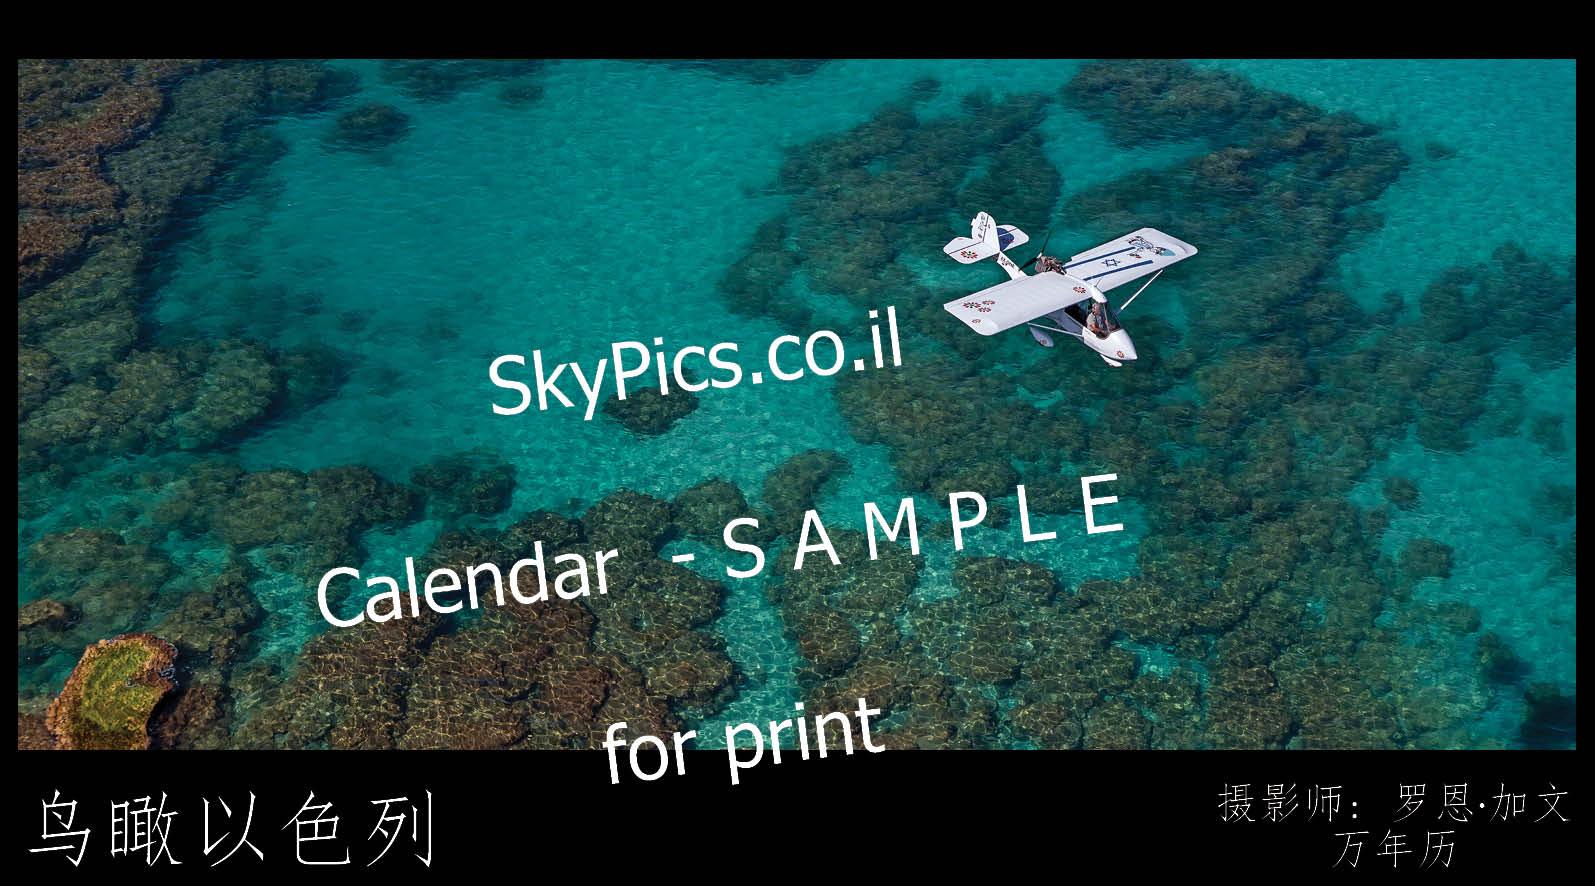 לוח שנה מתנה ישראלית לסינים